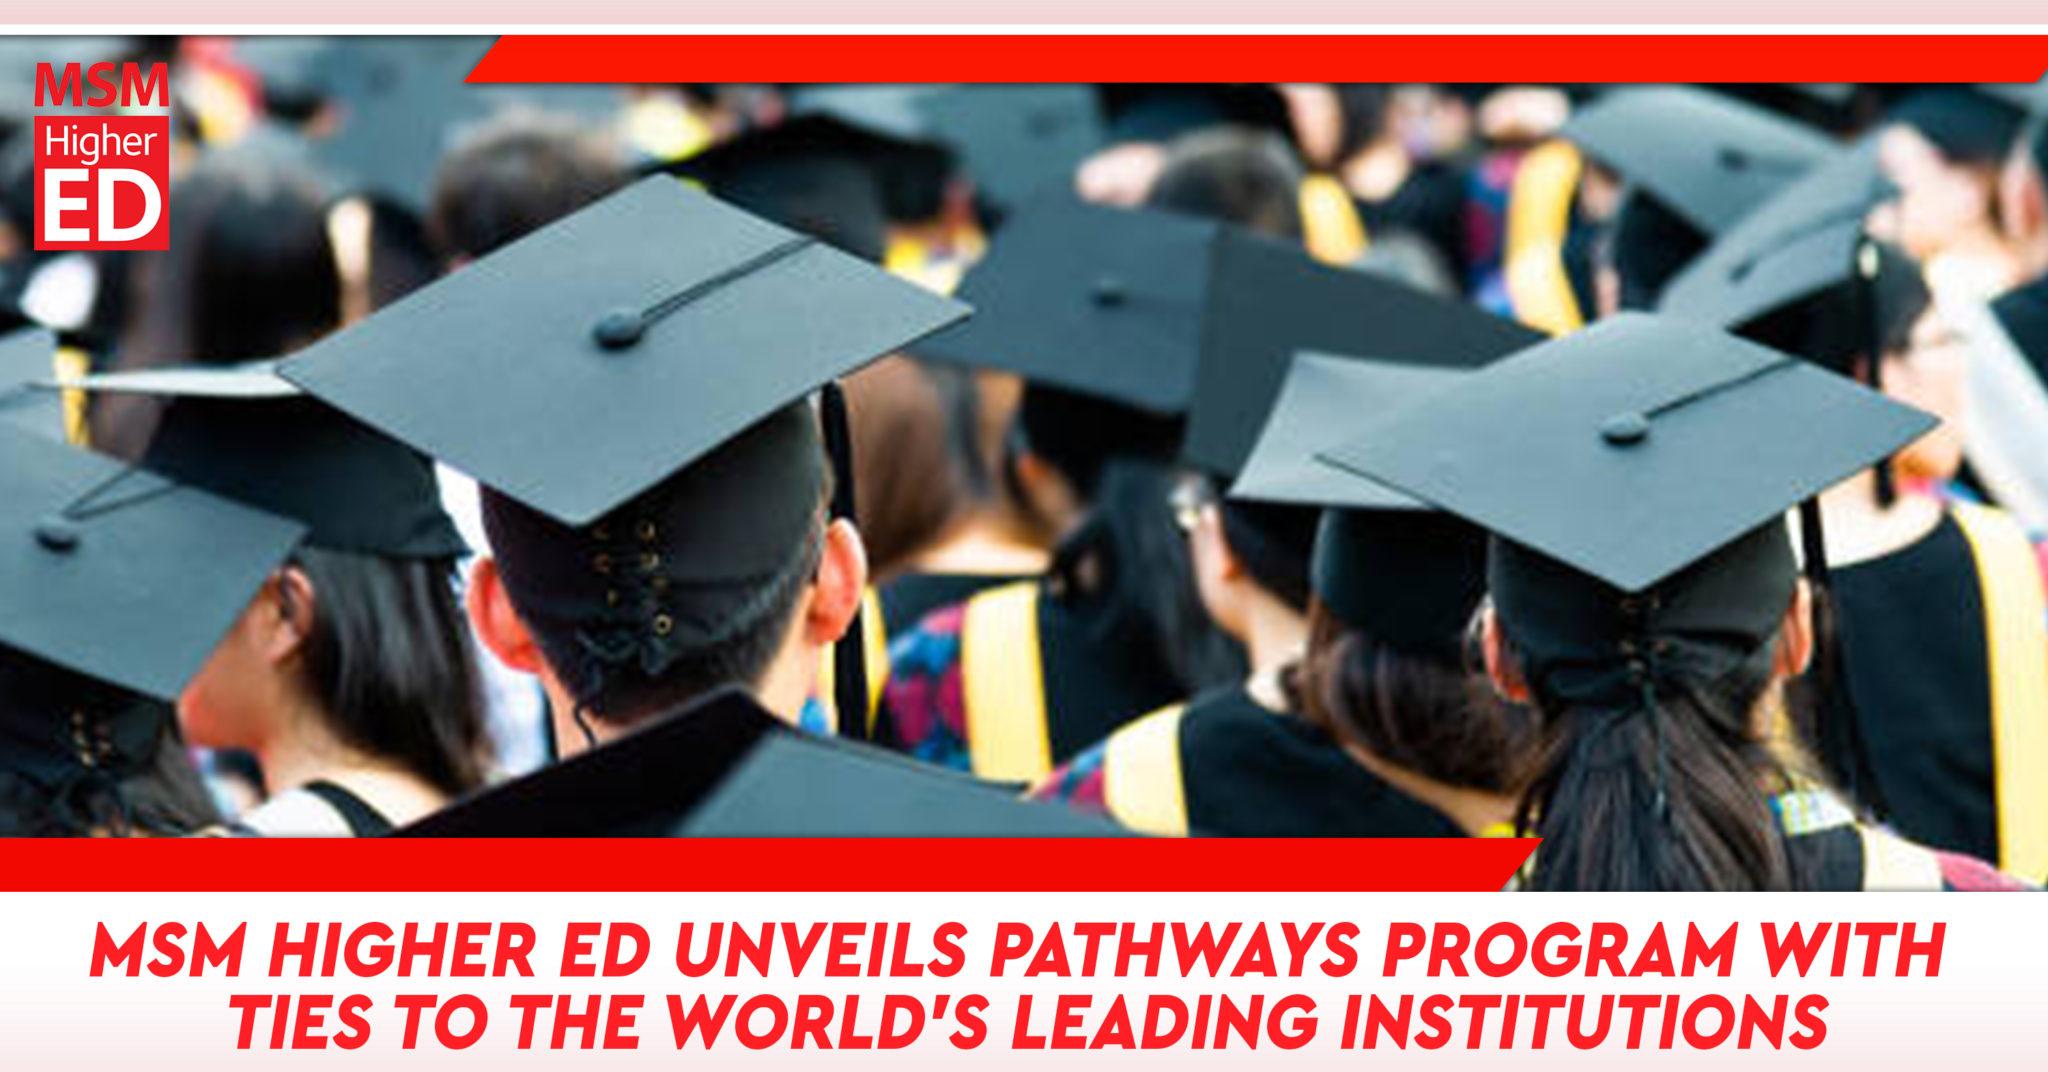 MSM Higher Ed PR 1 - Pathways announcement